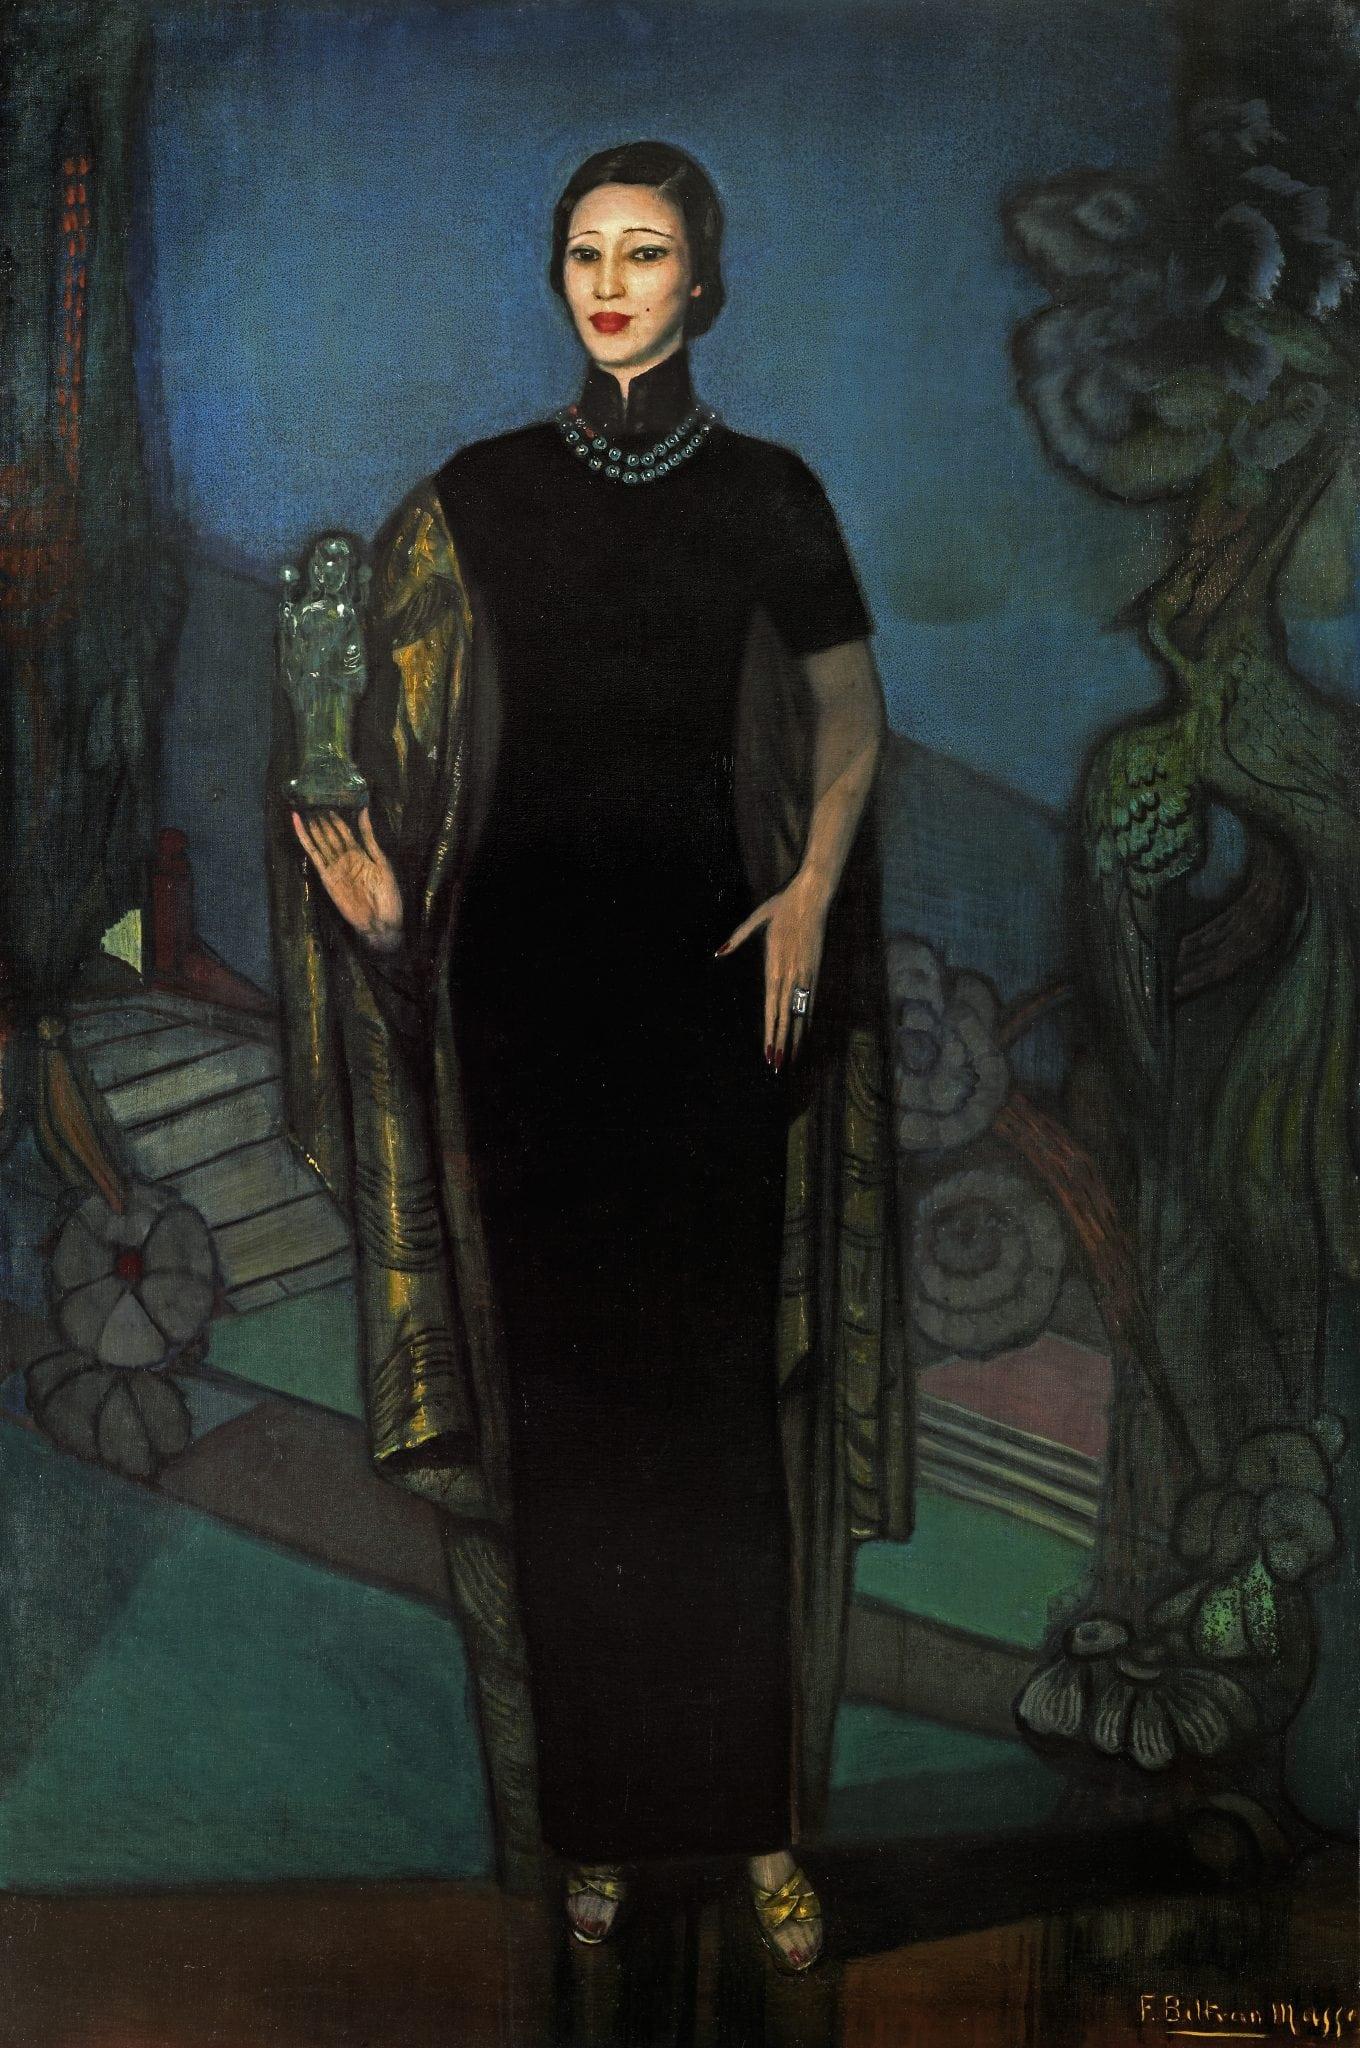 Beltran Masses, Federico ~ Oie Hui-lan, Mme Wellington Koo, 1932